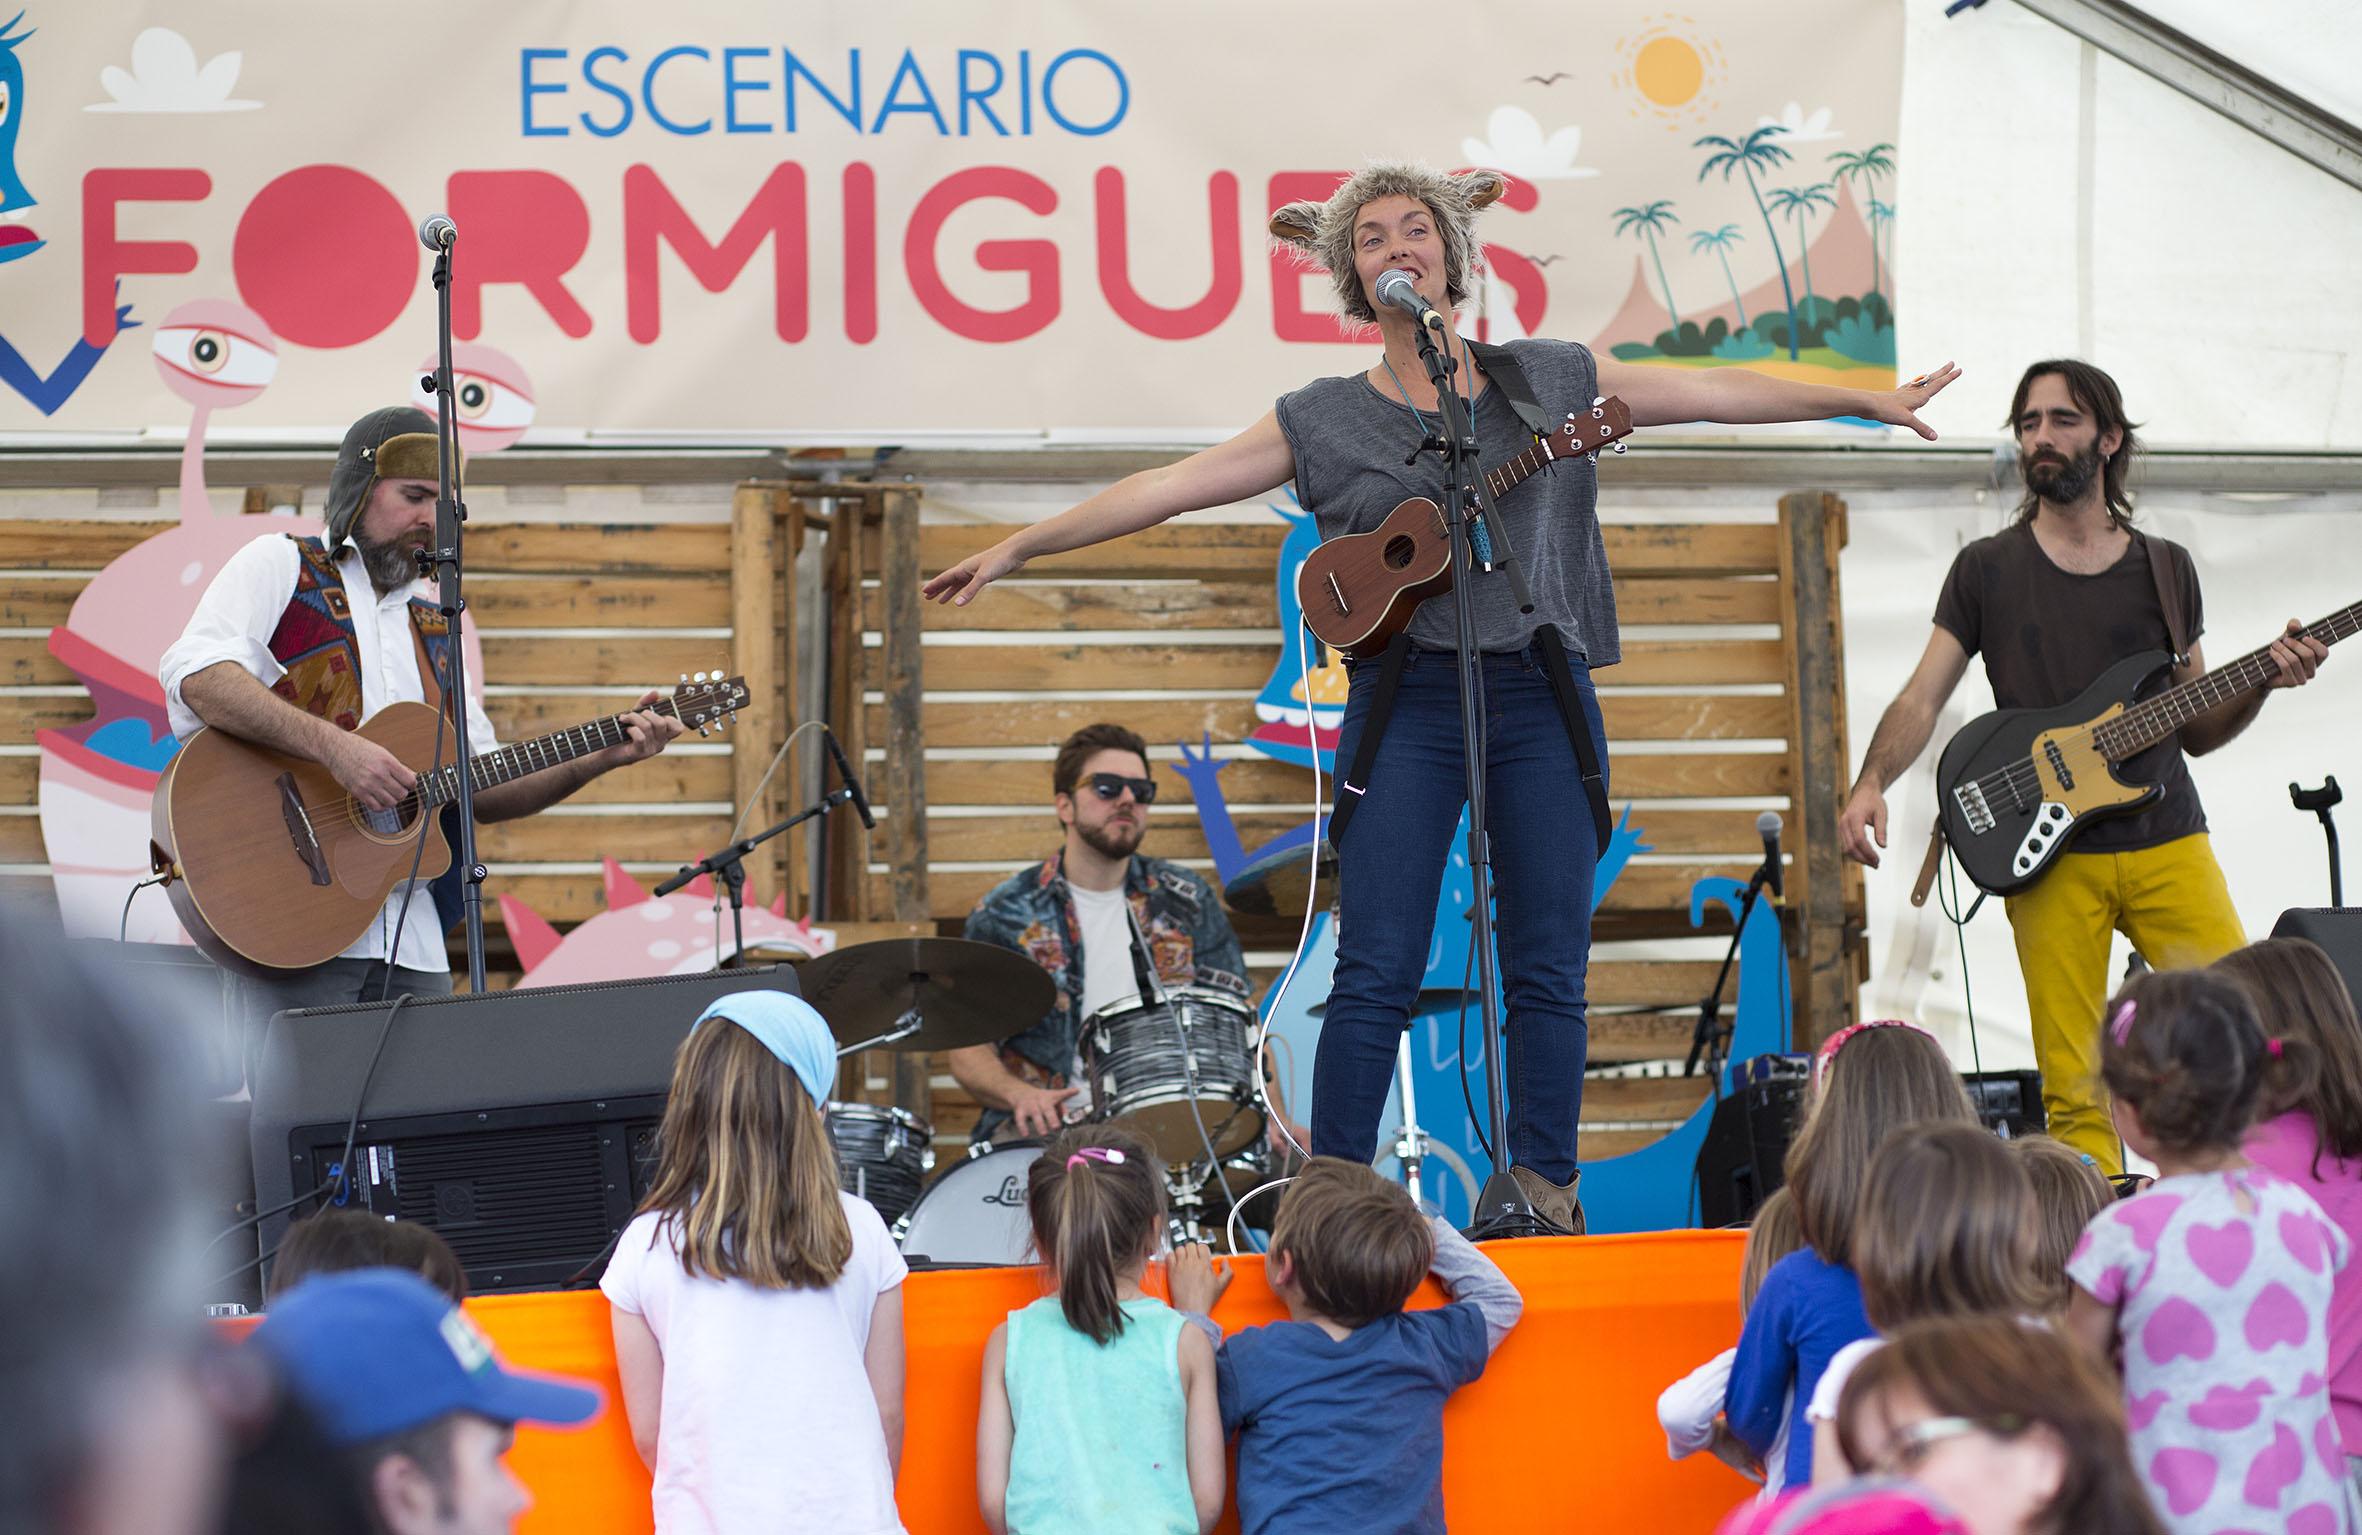 Lali Rondalla en Formigues Festival. Foto: Carme Ripollès & Ángel Sánchez.